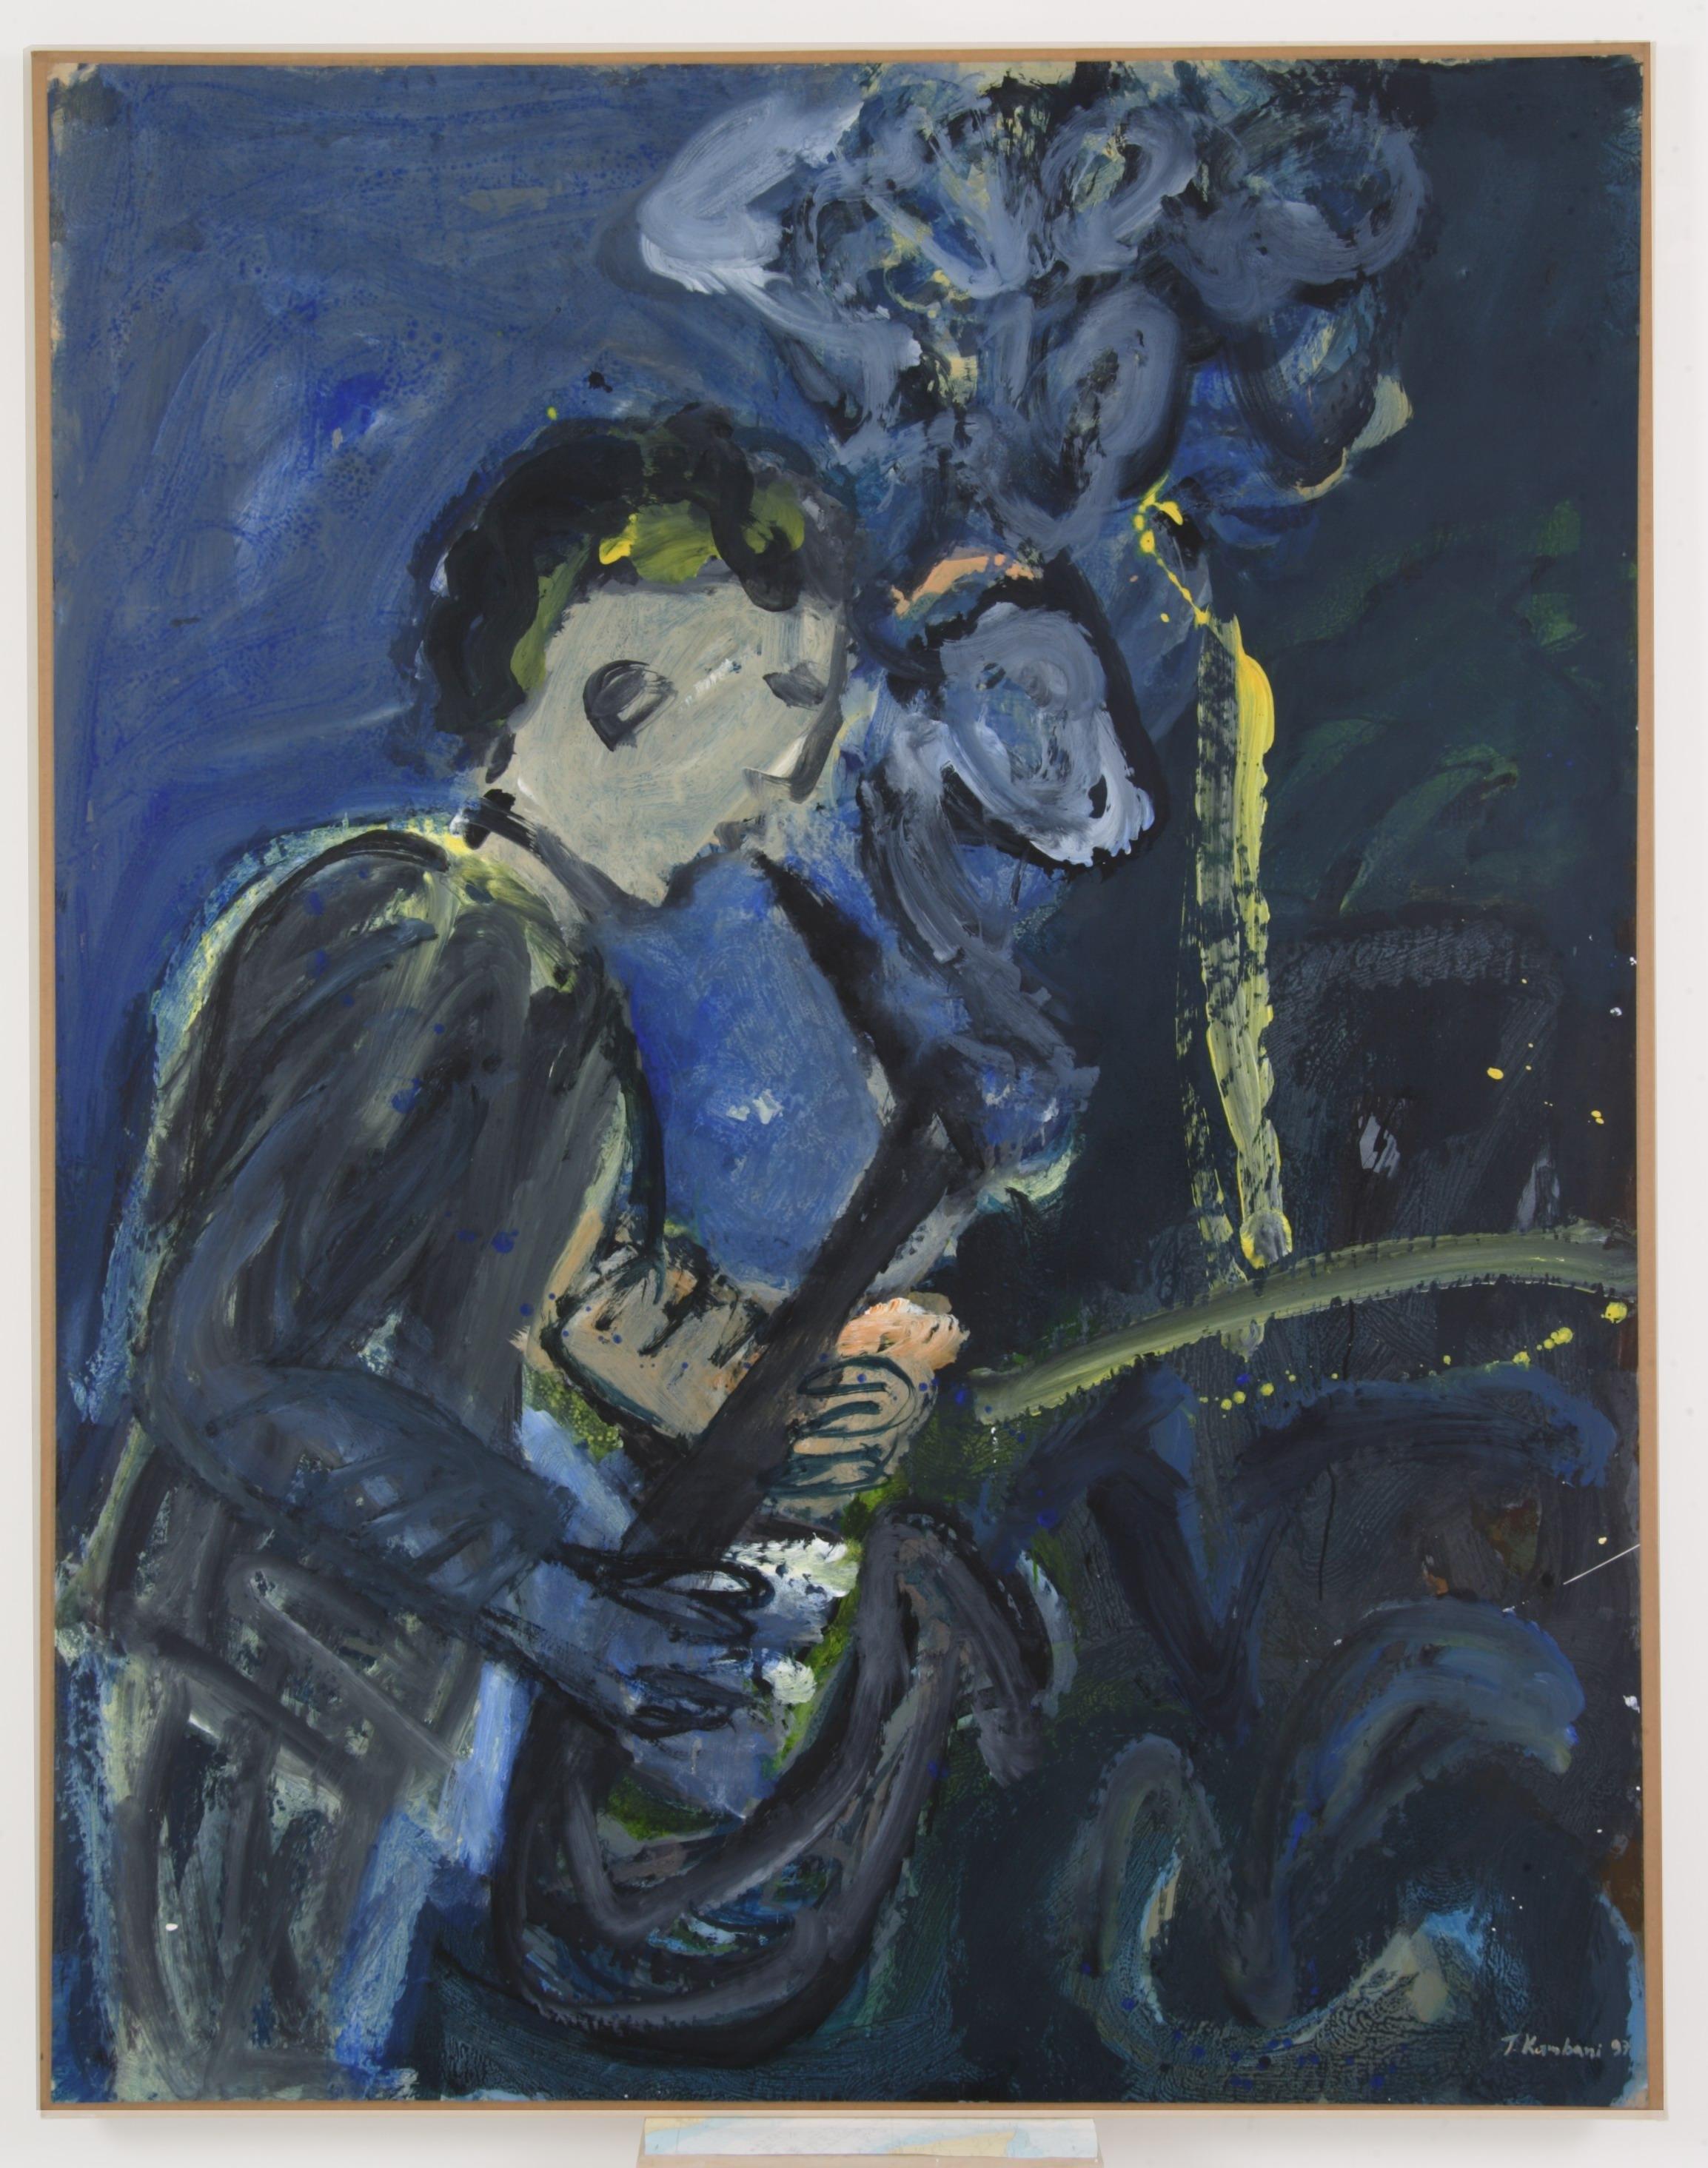 καλλιτέχνης,1997,160x180cm